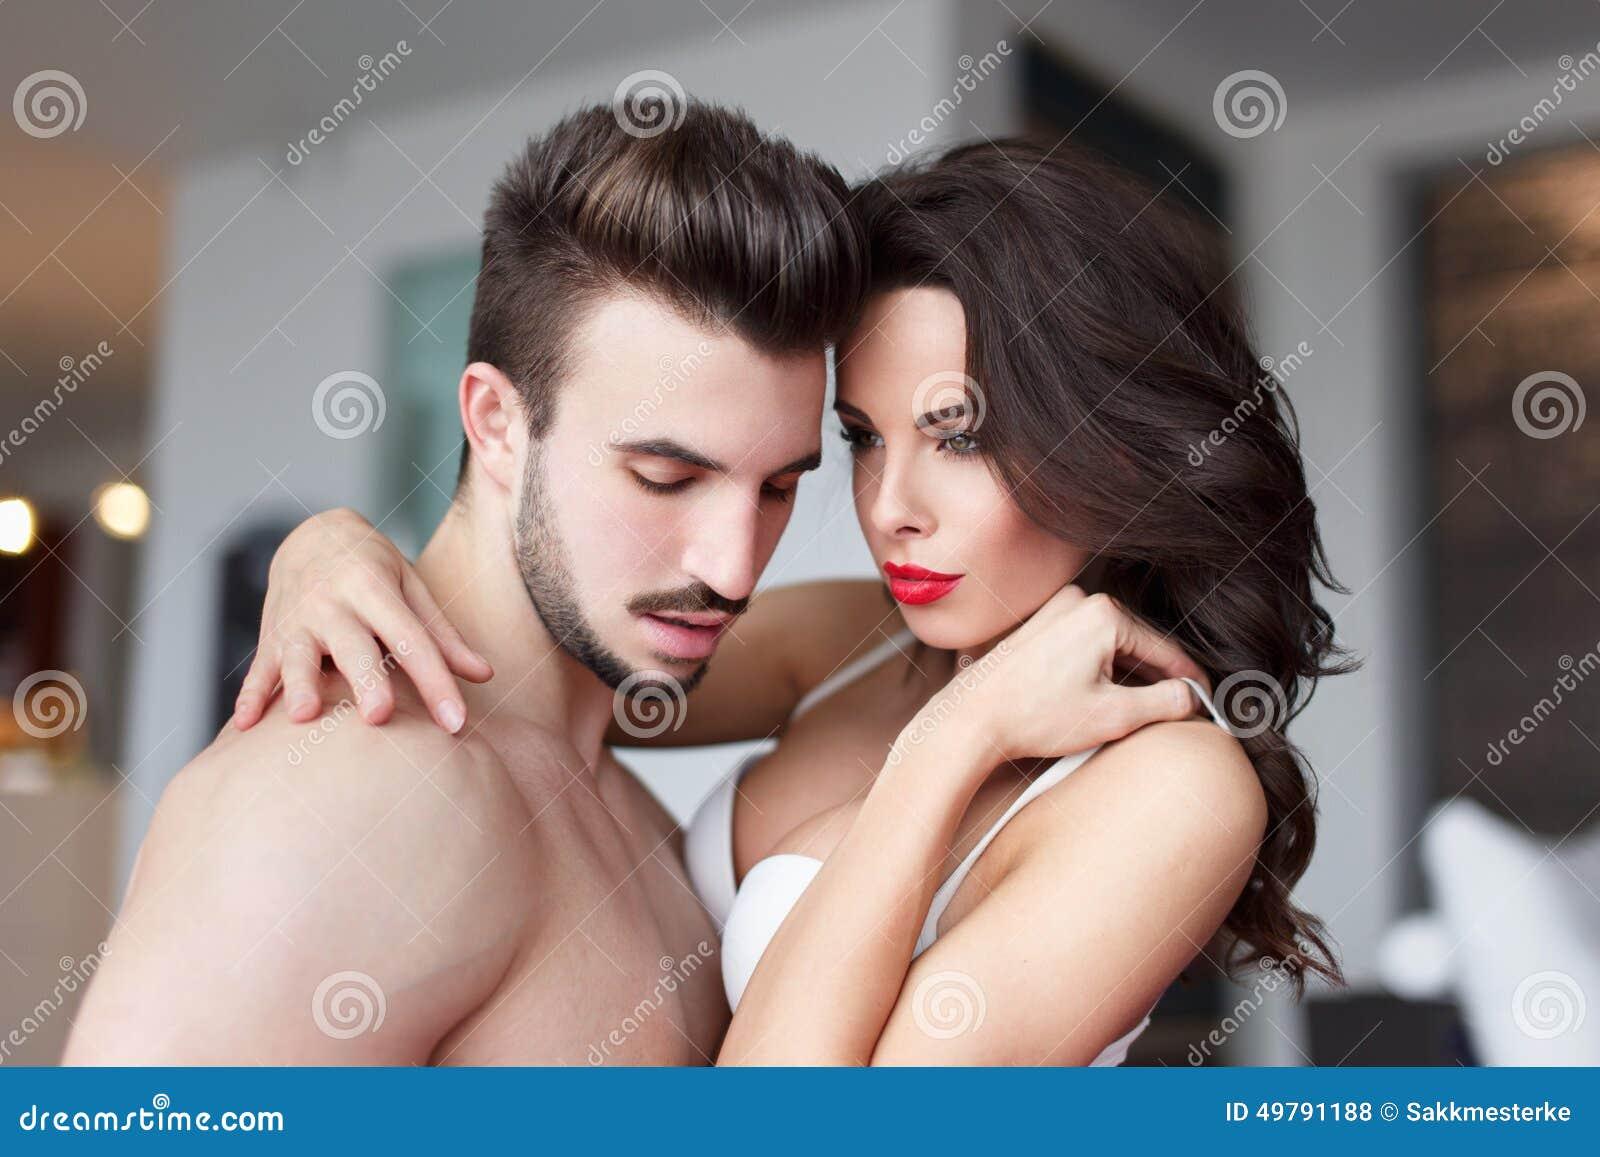 Sexe à la maison avec un jeune couple - reference